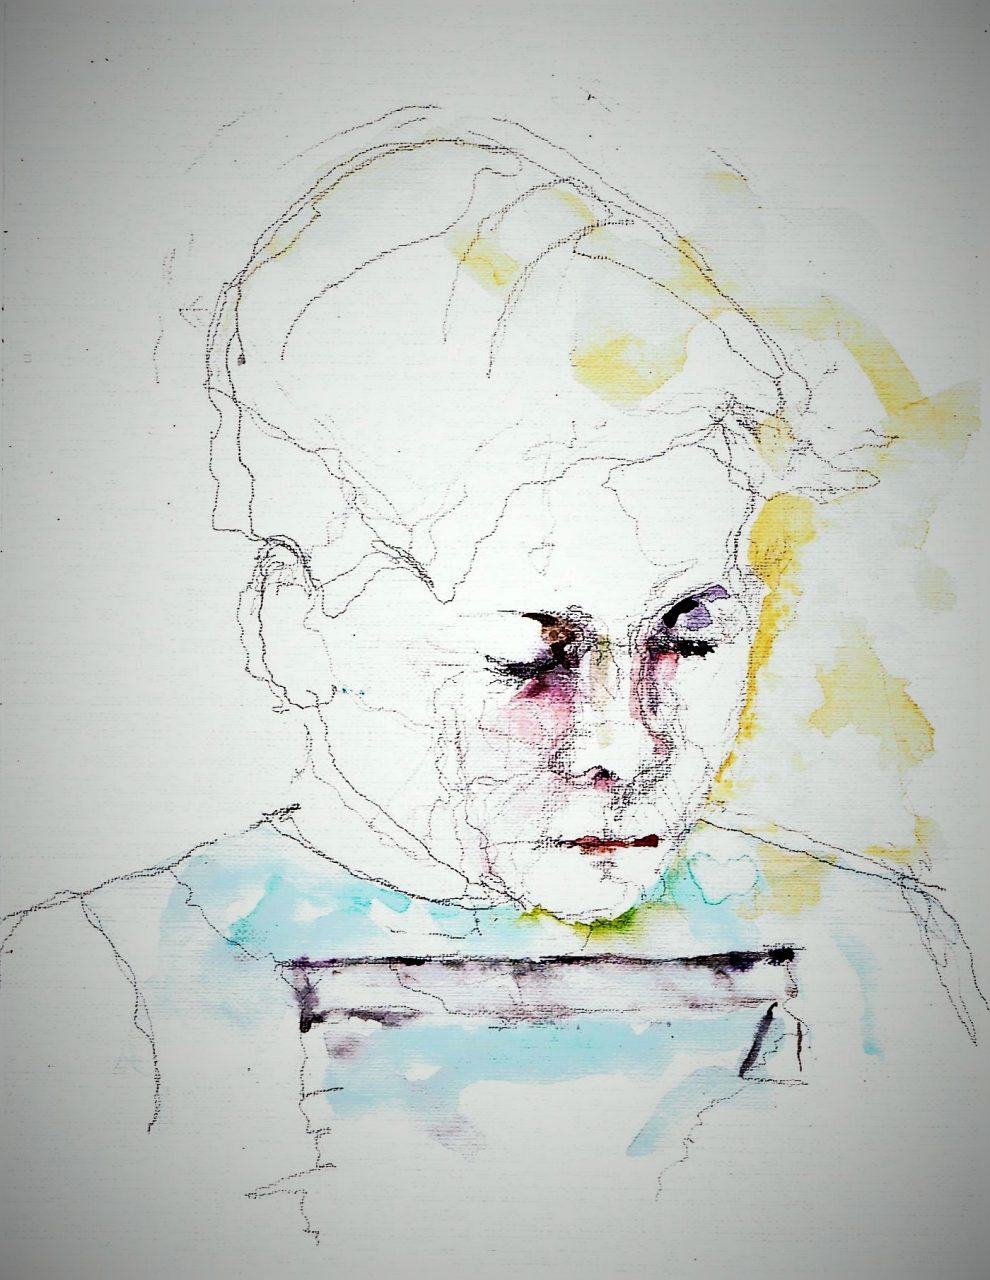 365 dagen een portret 108 12 jaar Aquarel 19c25